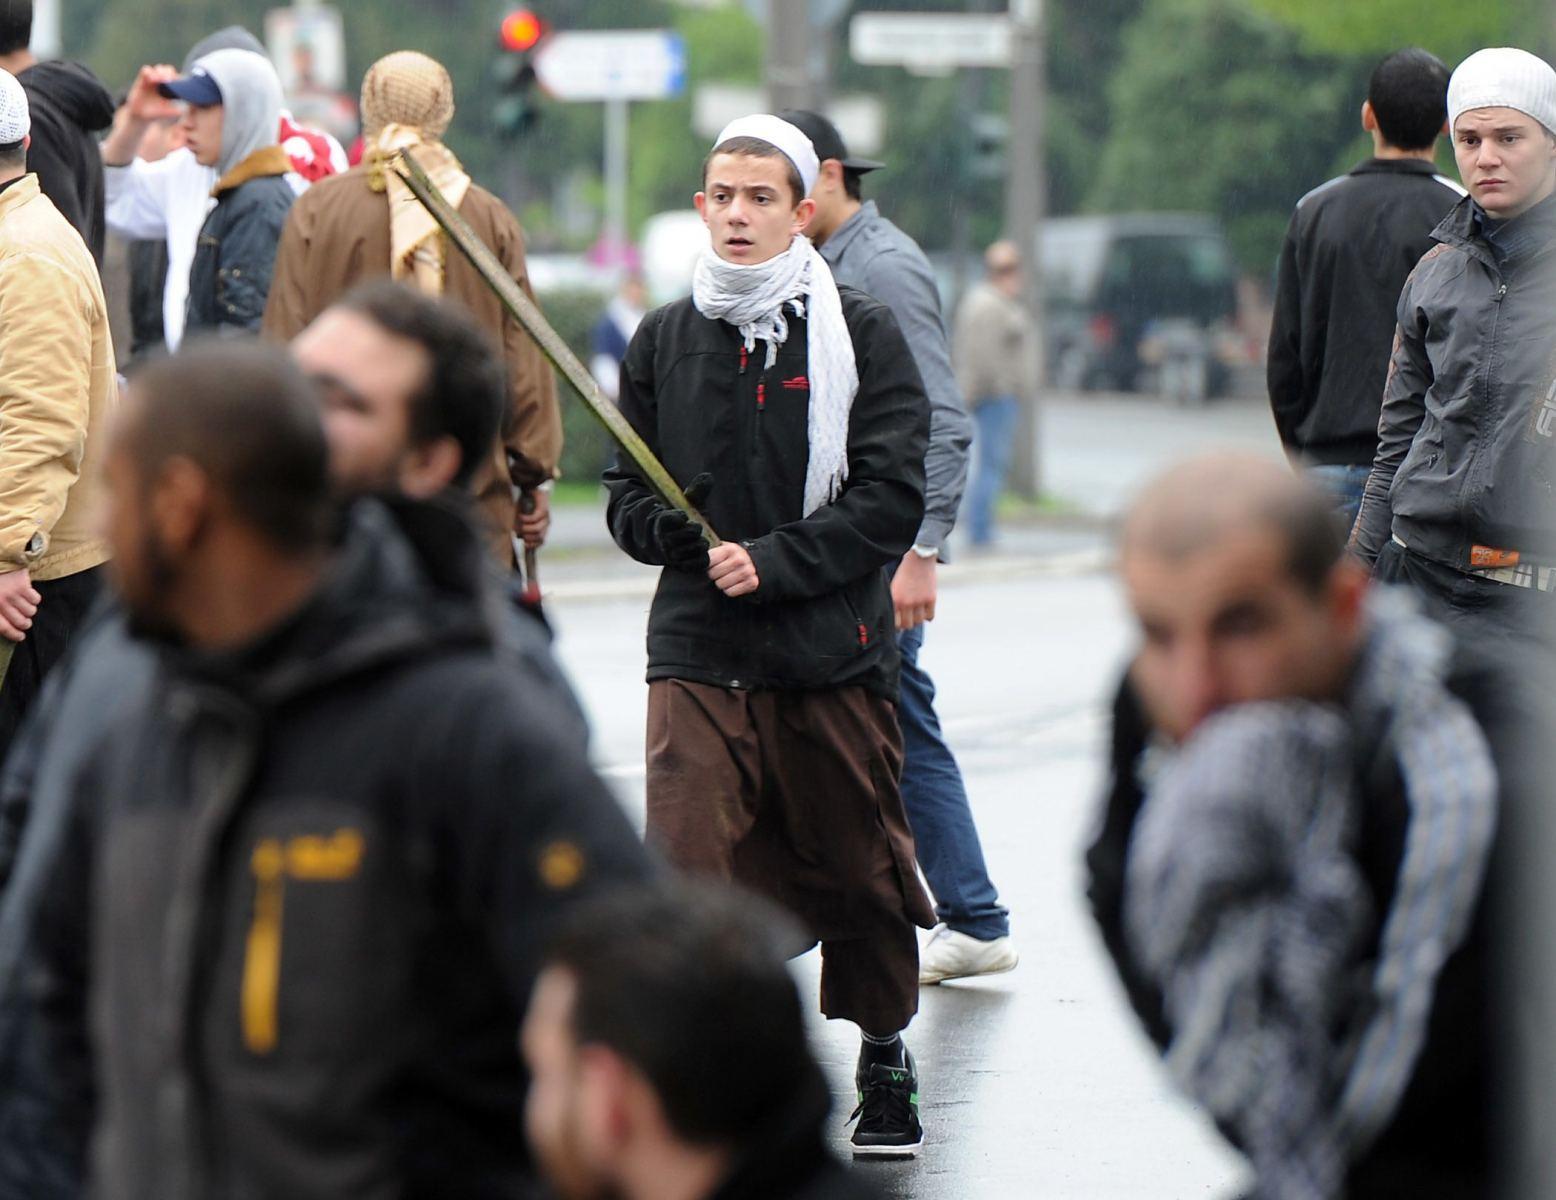 Ein mit einer Latte bewaffneter islamistischer Demonstrant steht am Samstag (05.05.2012) bei einer Protestkundgebung gegen eine Wahlkampfveranstaltung der rechtsextremen Splitterpartei Pro NRW vor der König Fahd Akademie in Bonn in der Menge. Etwa 25 Pro NRW-Anhängern standen 300-400 Gegendemonstranten gegenüber. Foto: Henning Kaiser dpa/lnw  +++(c) dpa - Bildfunk+++ |